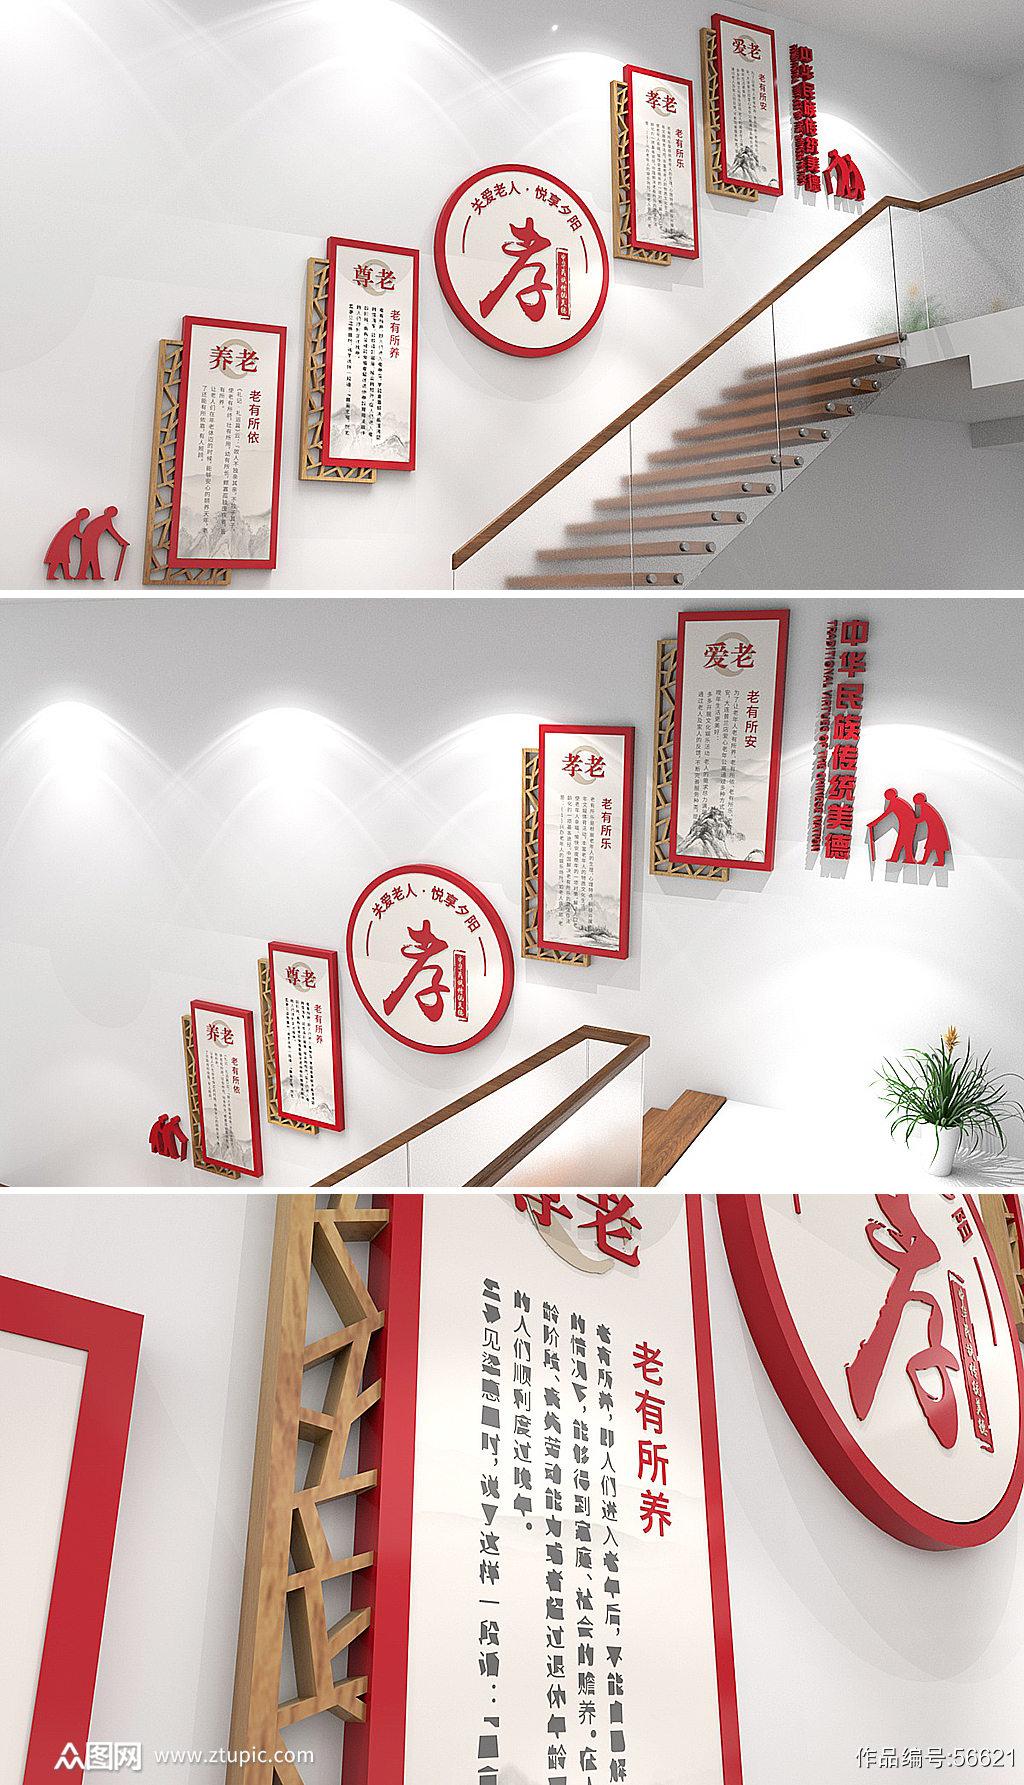 中式养老院孝道楼道敬老院 养老院 老年日间照料中心文化墙素材